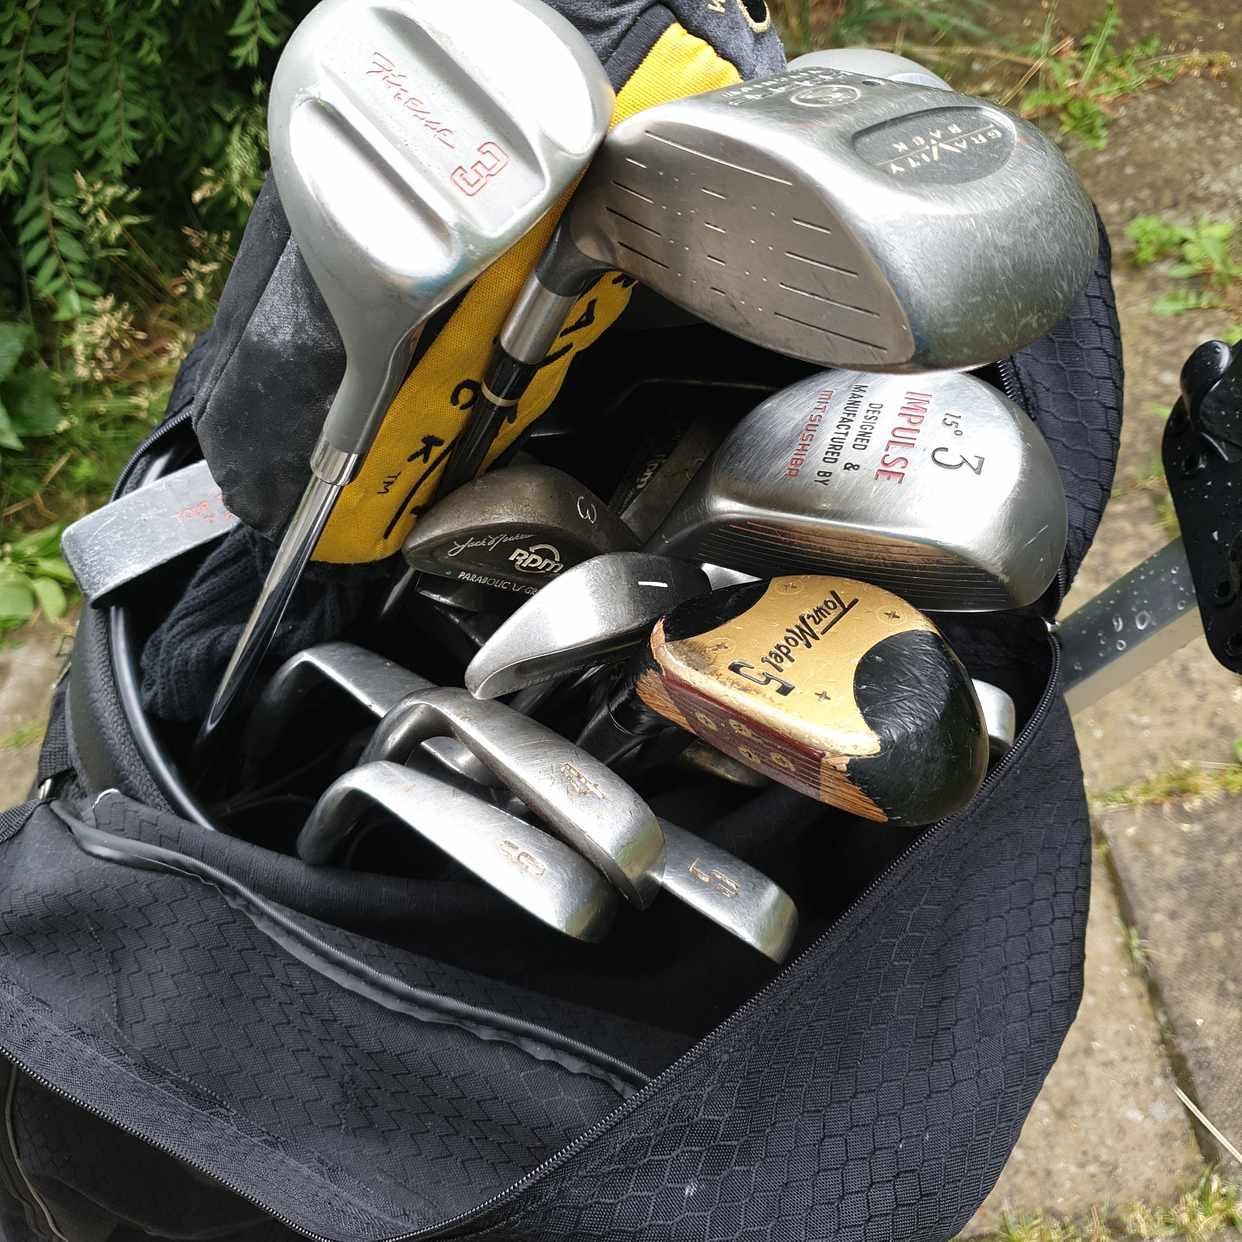 image of Golfklubbor + golfbag - Järfälla